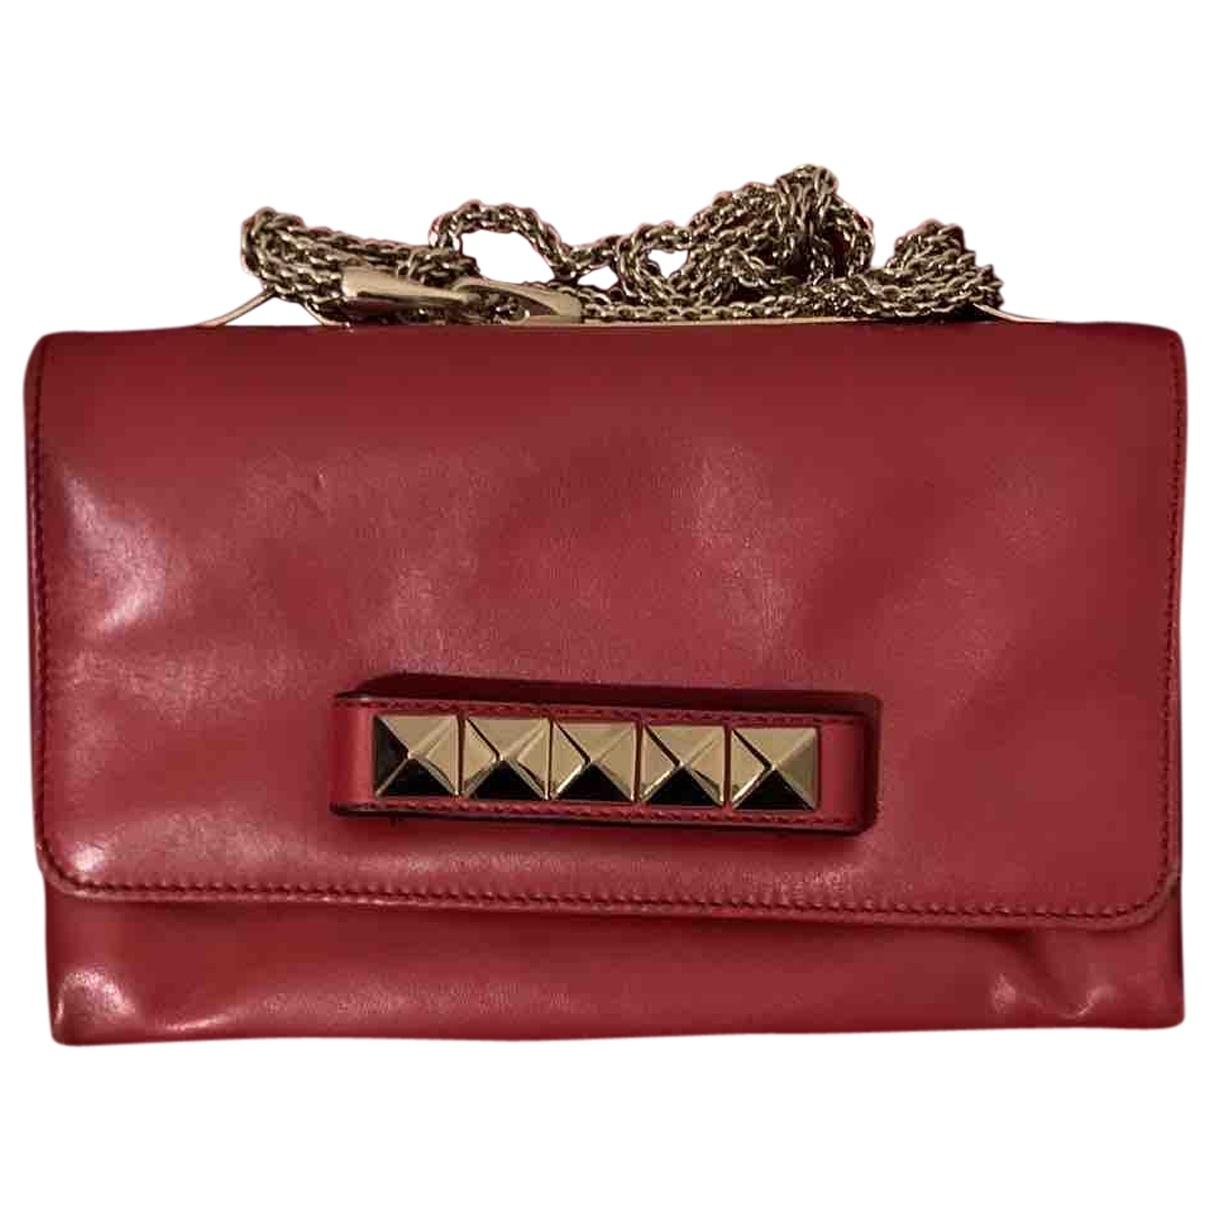 Valentino Garavani Vavavoom Handtasche in  Rot Leder